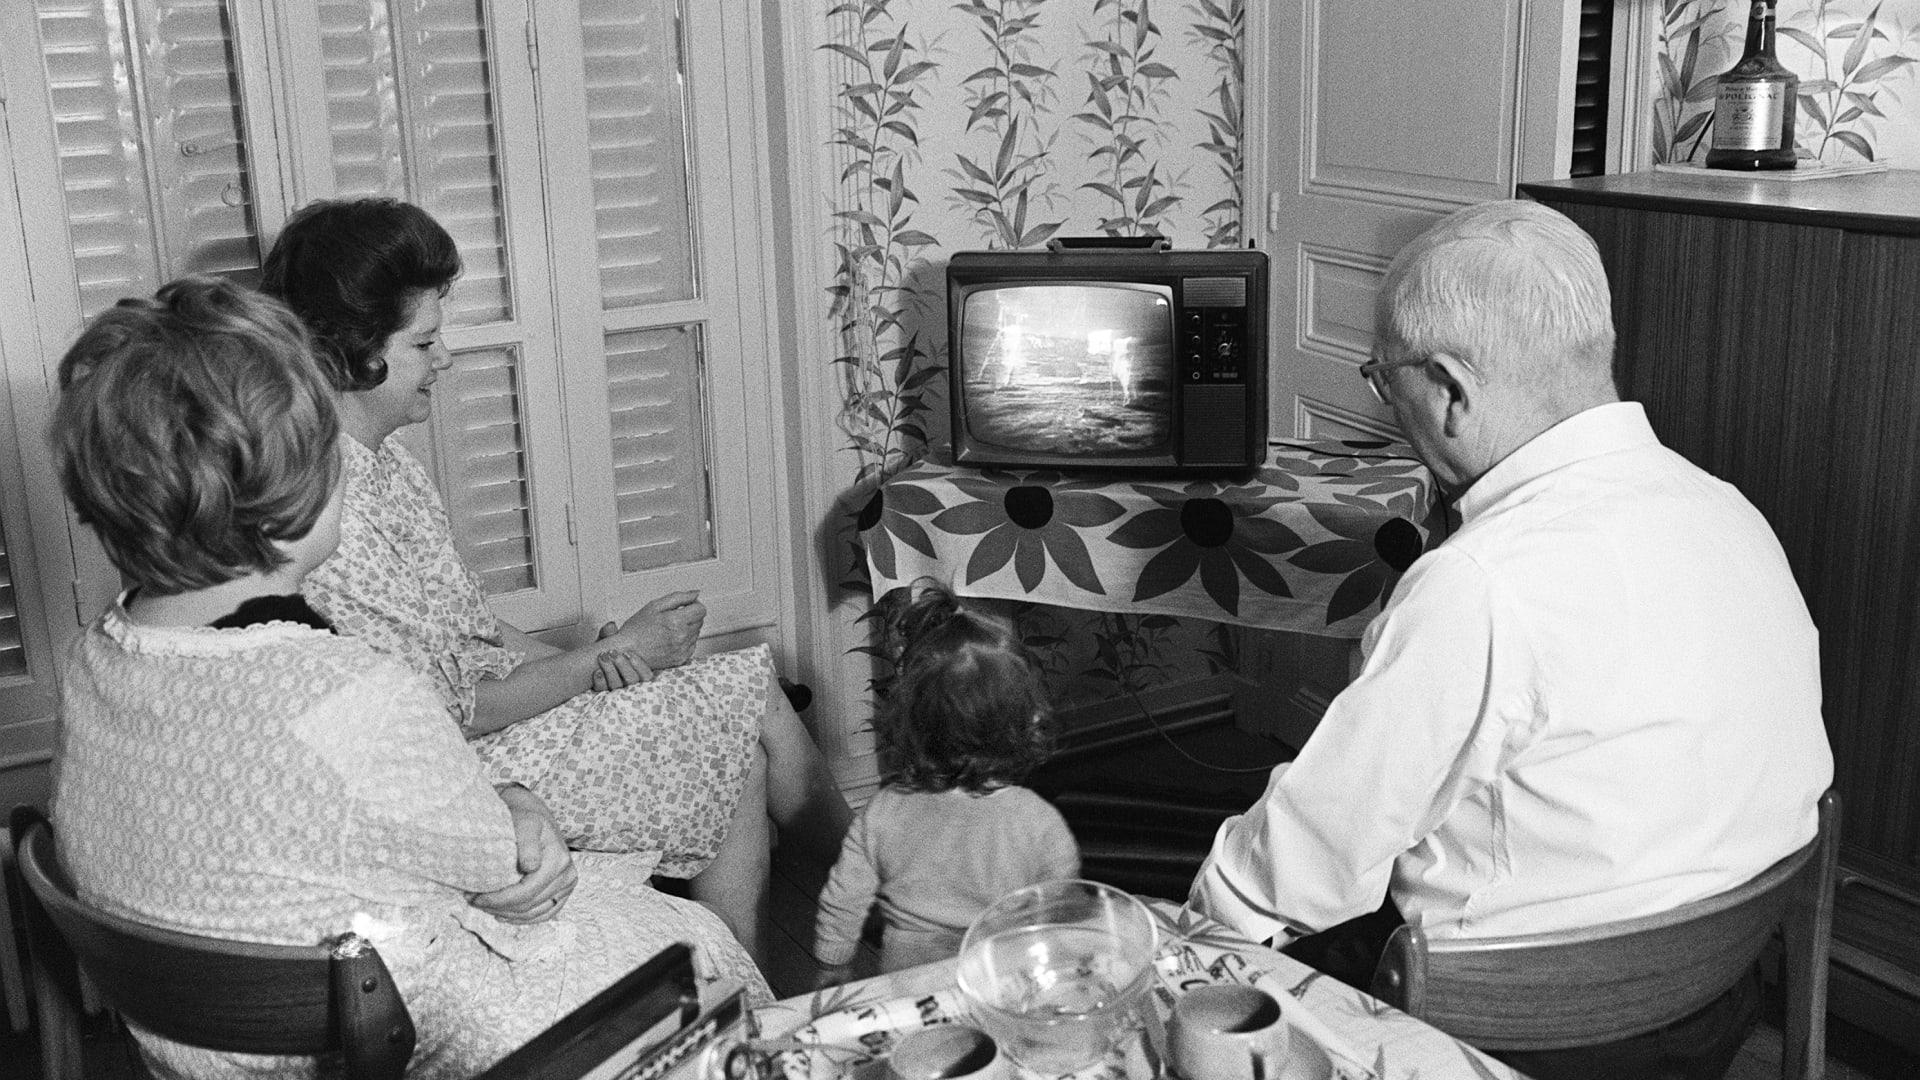 في عيده التسعين.. 7 حقائق قد لا تعرفها عن جهاز التلفاز